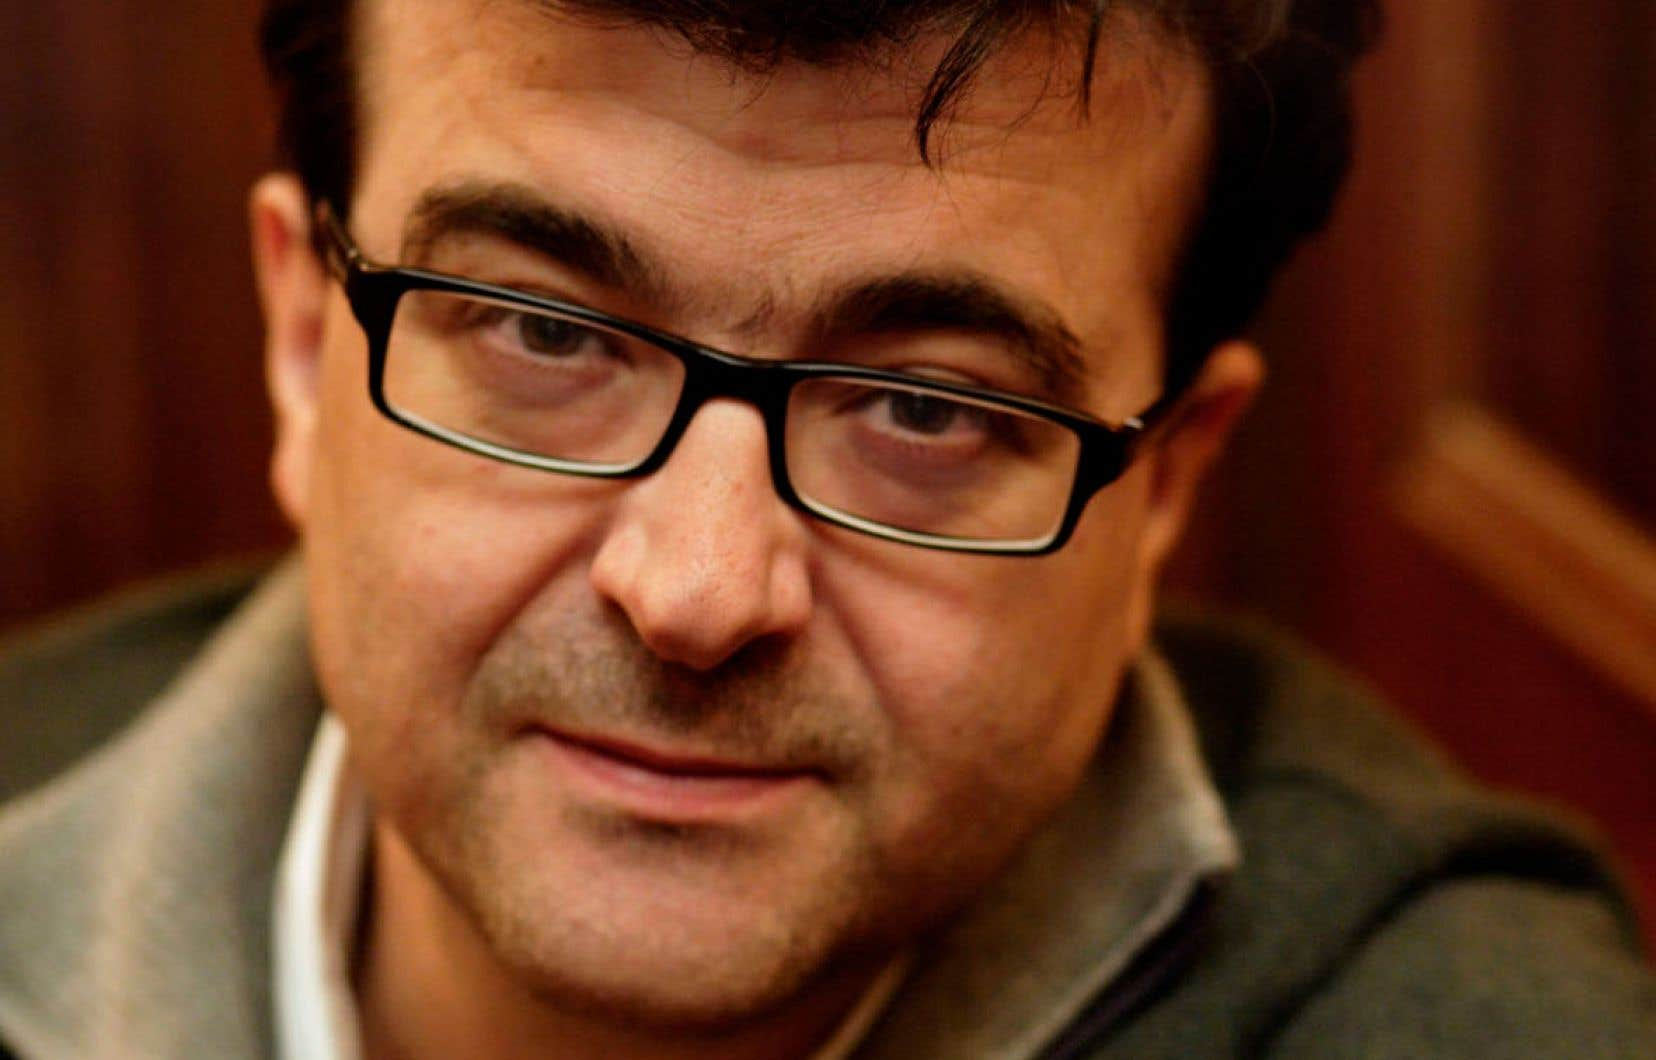 Le livre de Javier Cercas est un «roman sans fiction» où l'écrivain s'intéresse à l'histoire contemporaine de son pays.